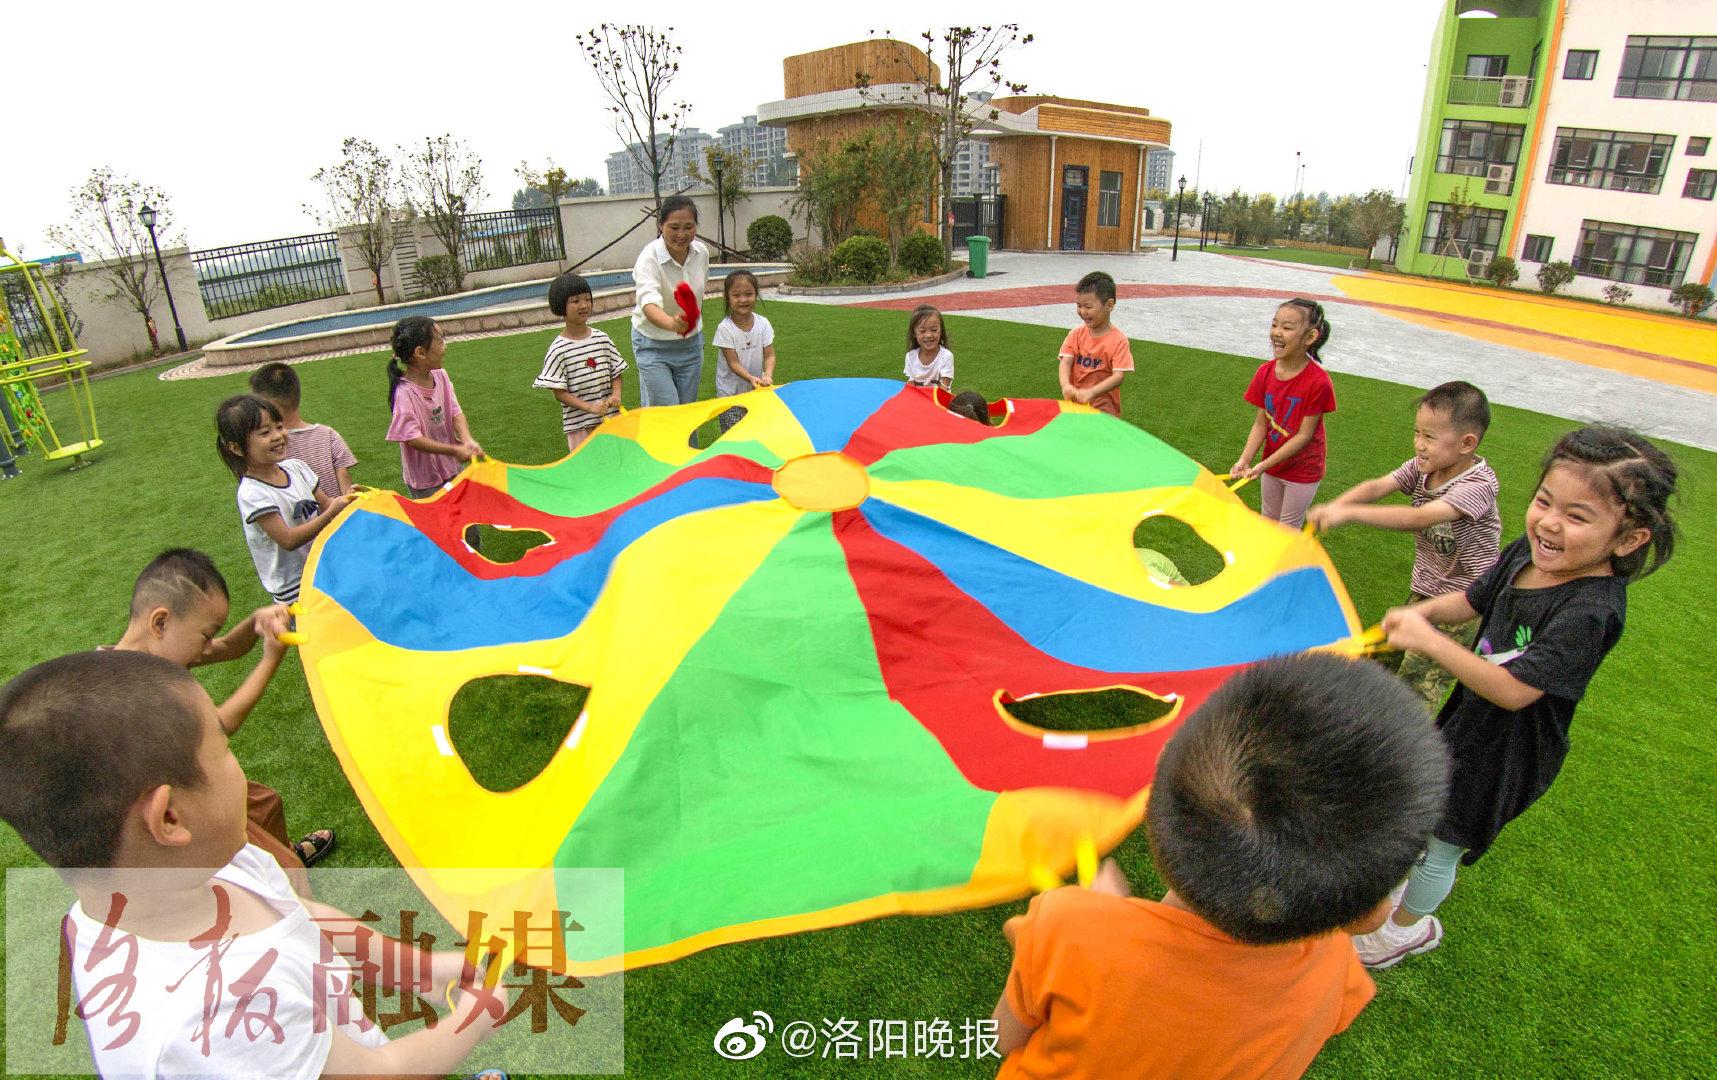 开心!吉利区实验幼儿园建成开园